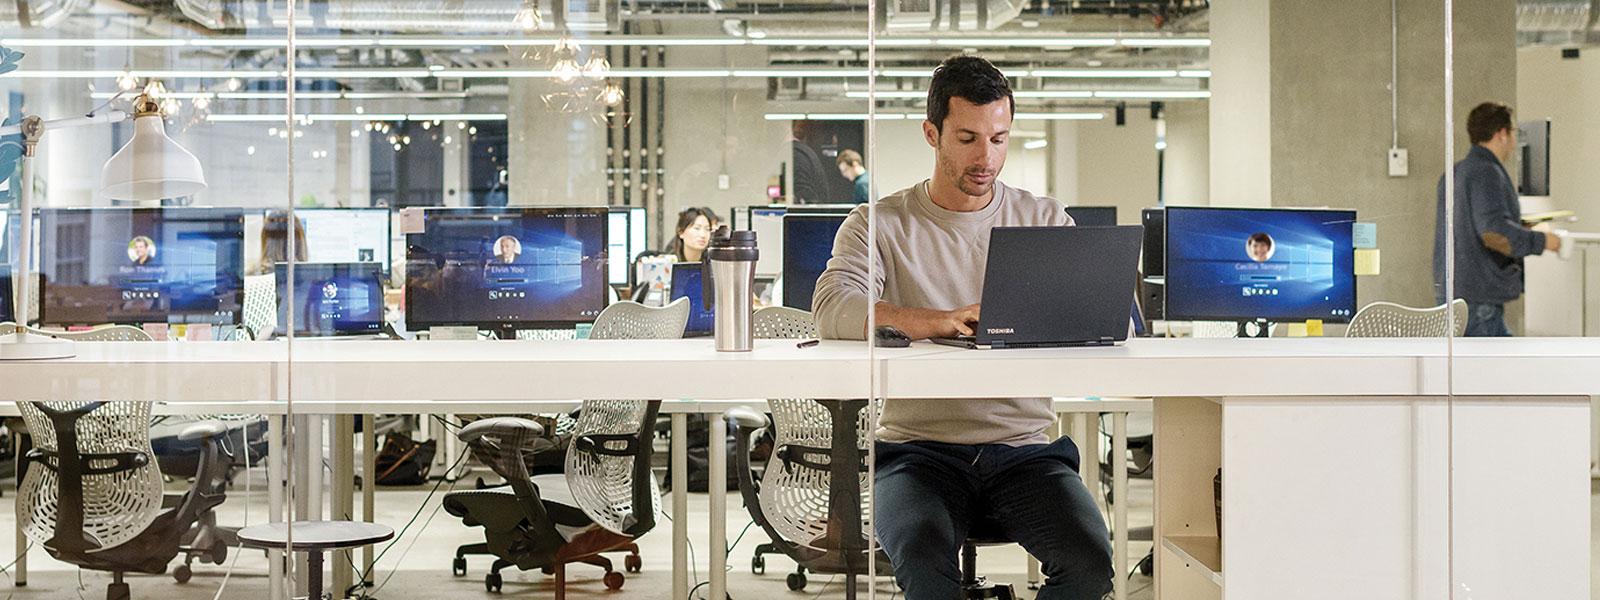 Mann verwendet Laptop auf offener Bürofläche